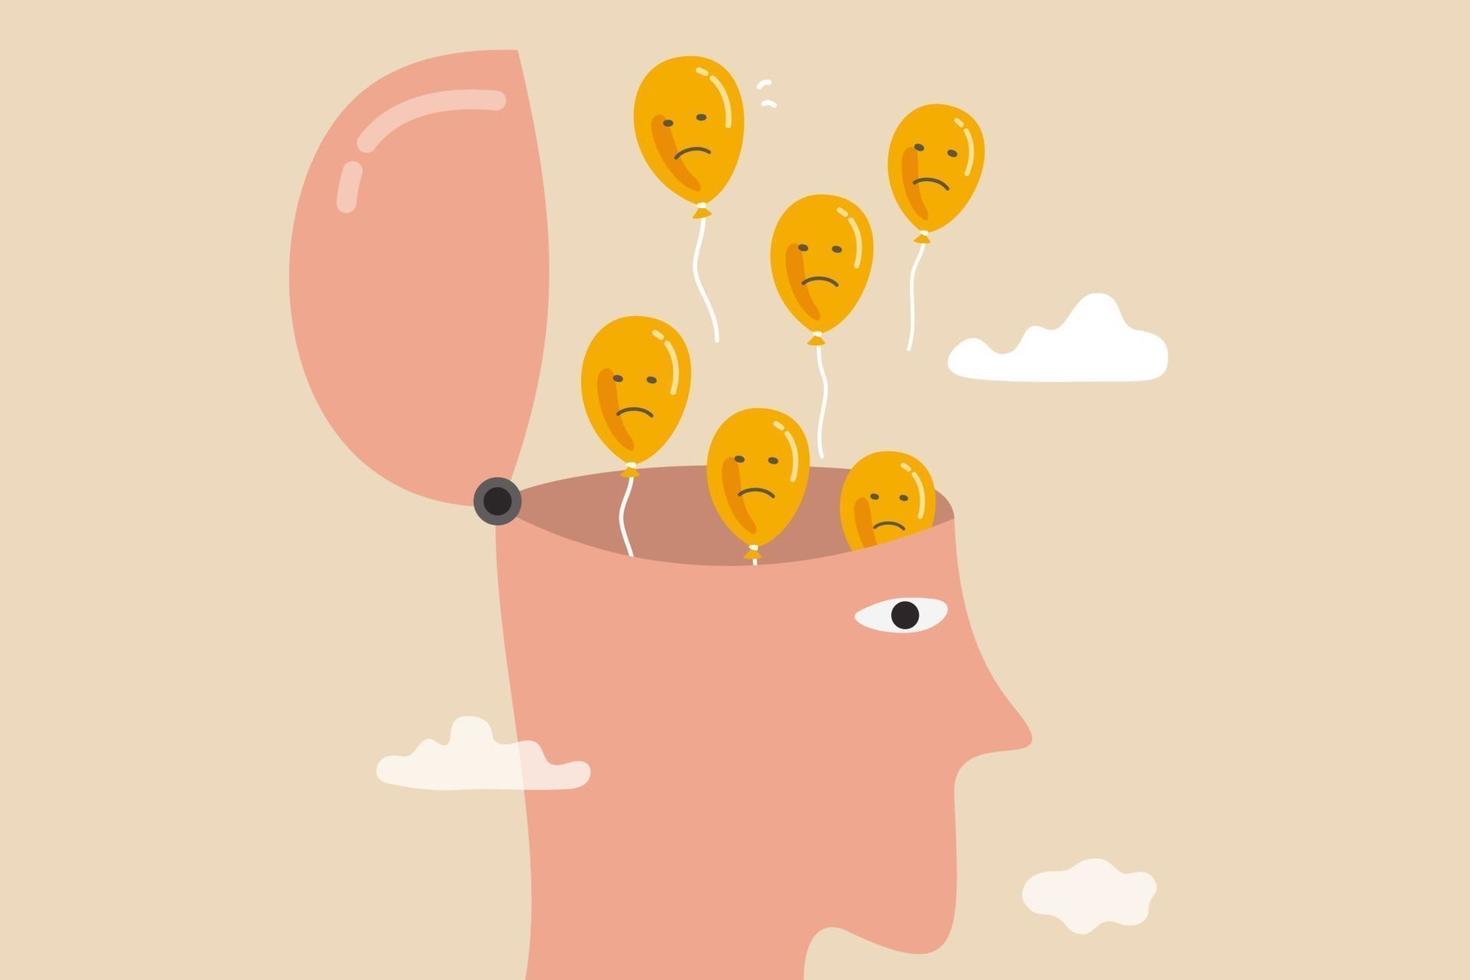 relajación para dejar volar la ansiedad y los pensamientos negativos, aliviar mentalmente o atención plena para curar la depresión, abrir la cabeza para dejar volar globos con cara triste e infeliz. vector